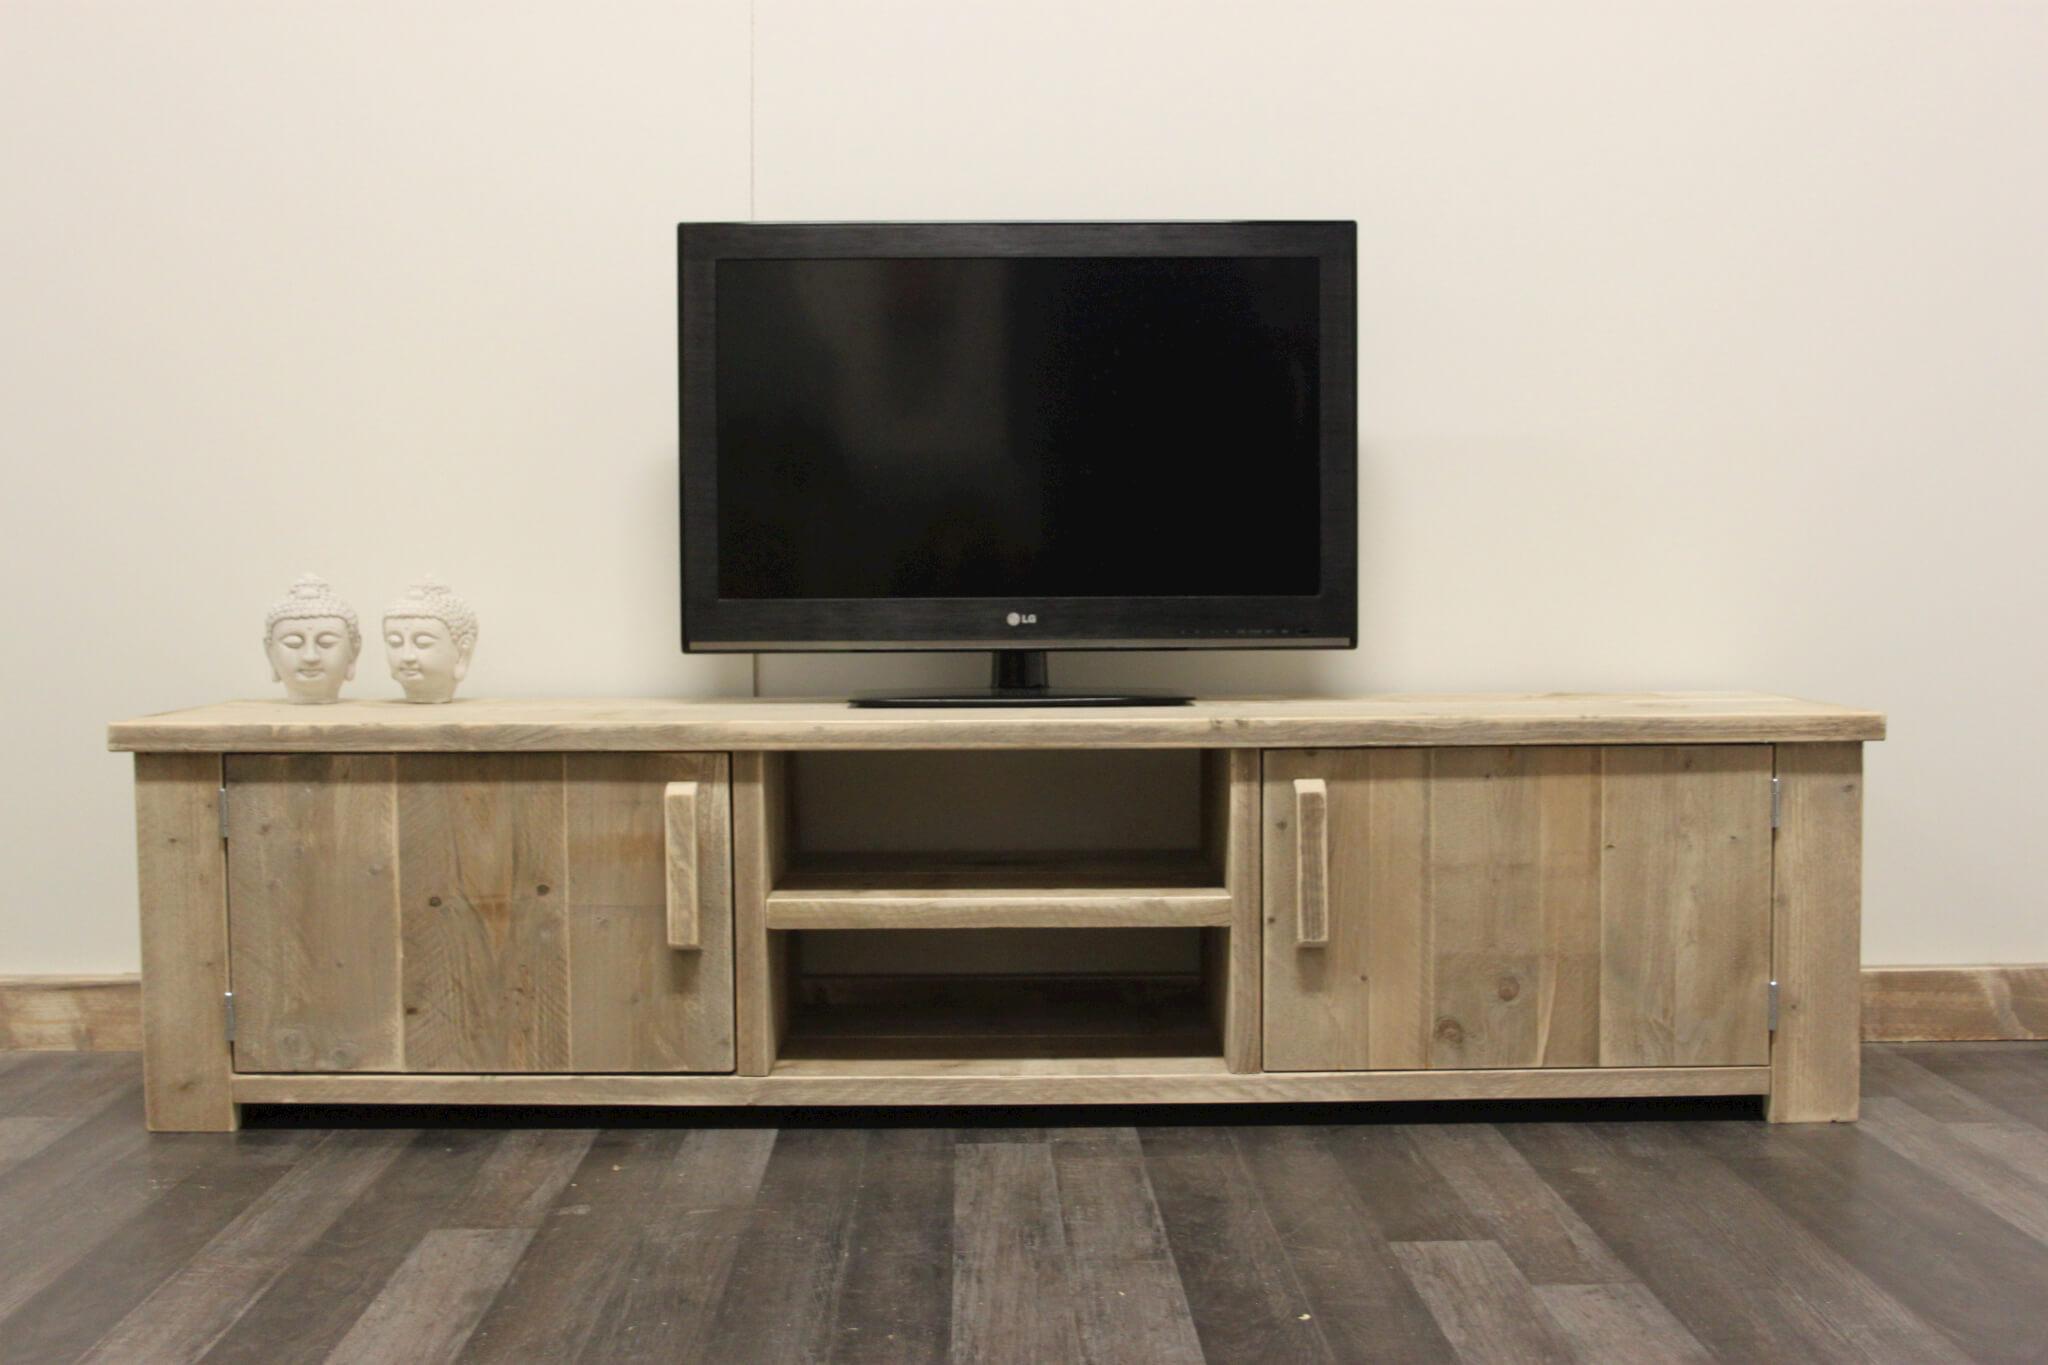 Steigerhouten tv meubel madras steigerhouttrend for Steigerhout tv meubel maken